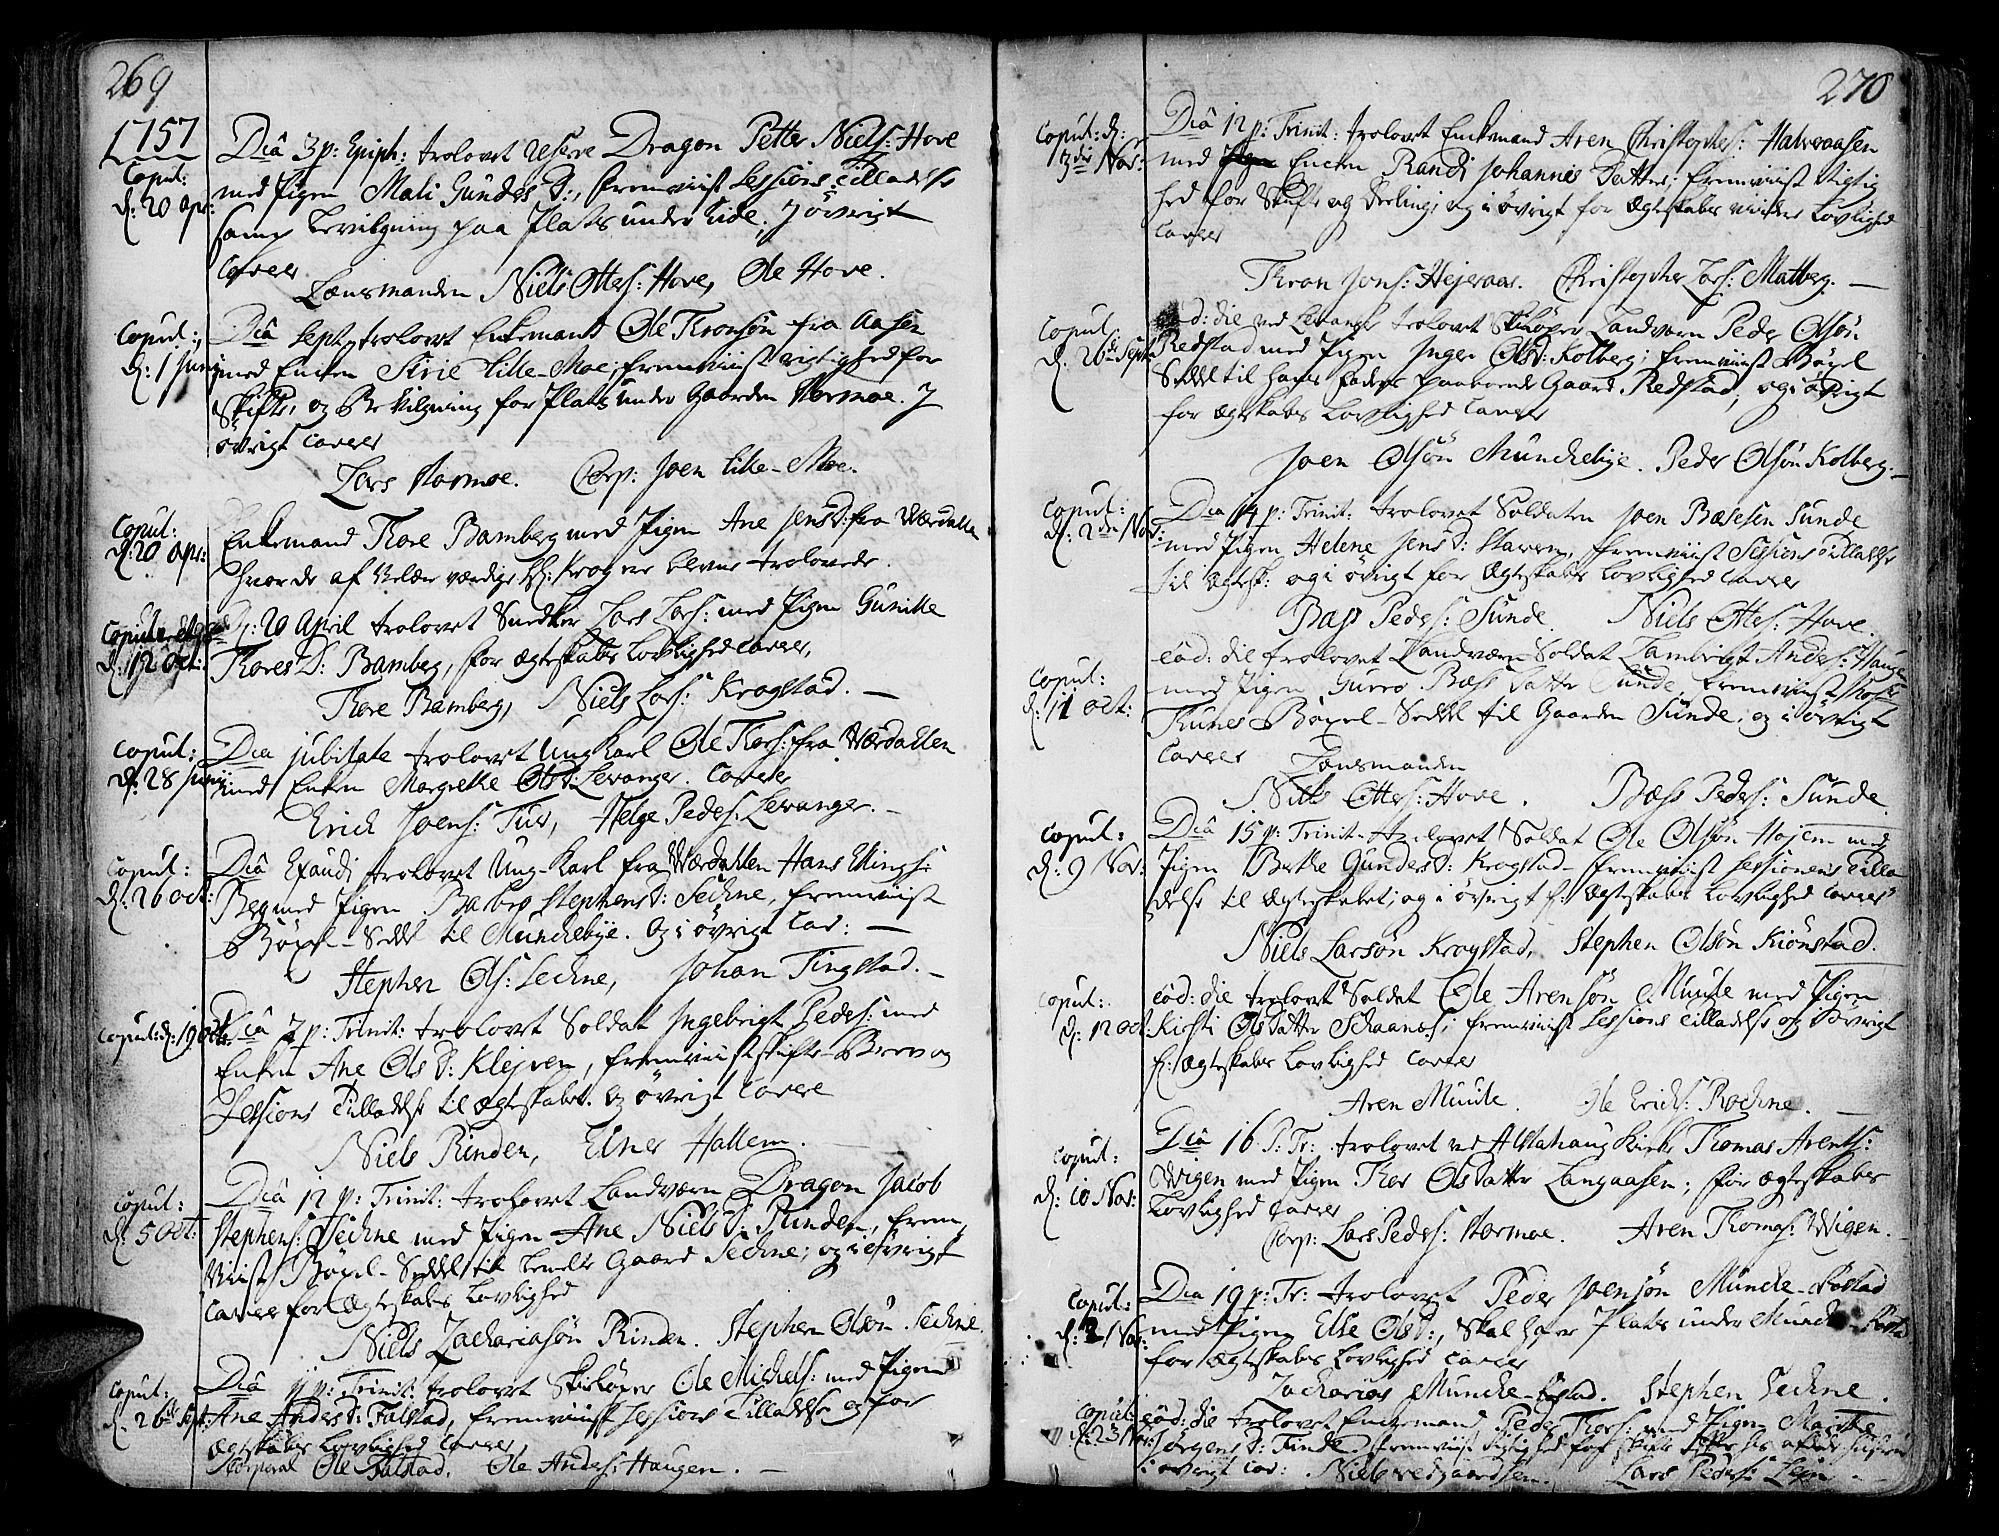 SAT, Ministerialprotokoller, klokkerbøker og fødselsregistre - Nord-Trøndelag, 717/L0141: Ministerialbok nr. 717A01, 1747-1803, s. 269-270